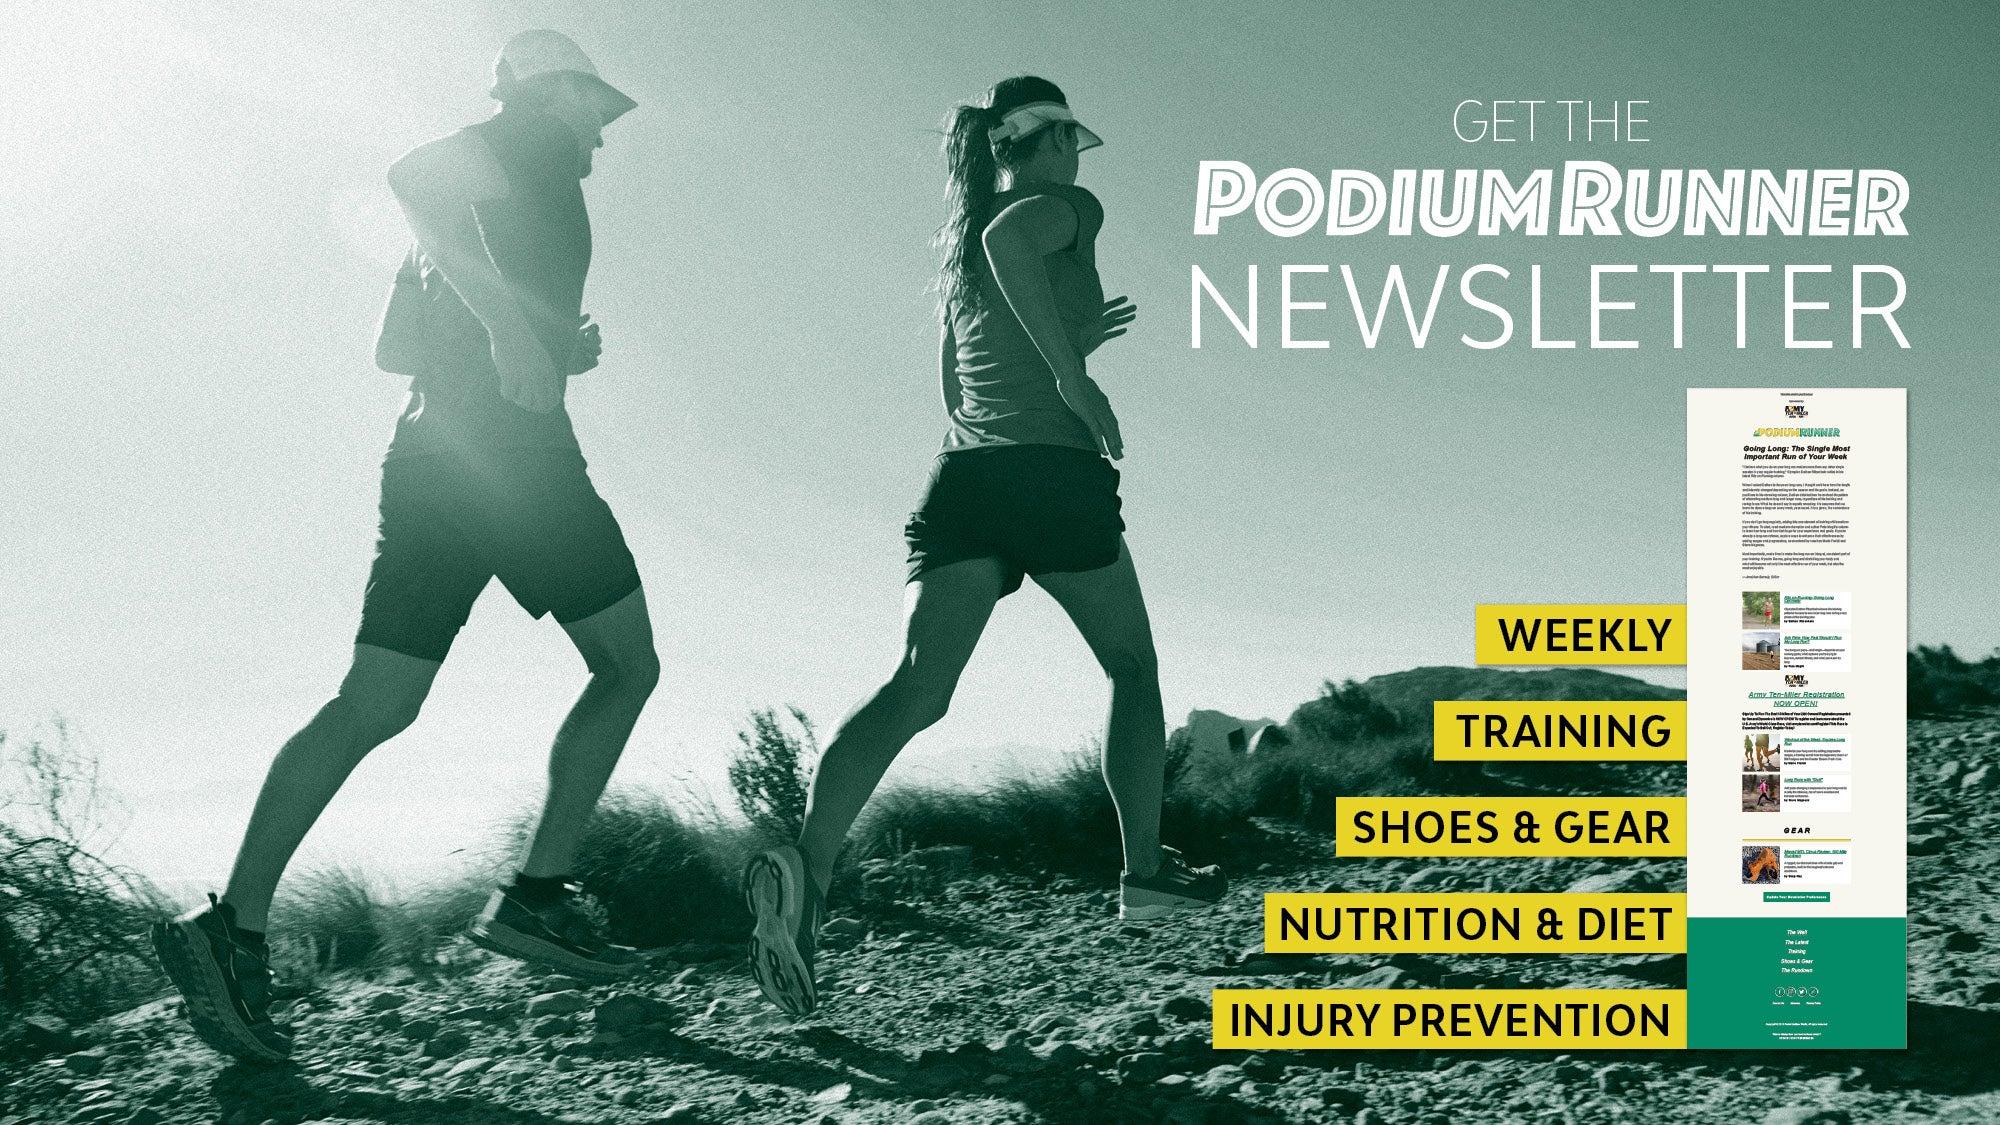 PodiumRunner Email Newsletter